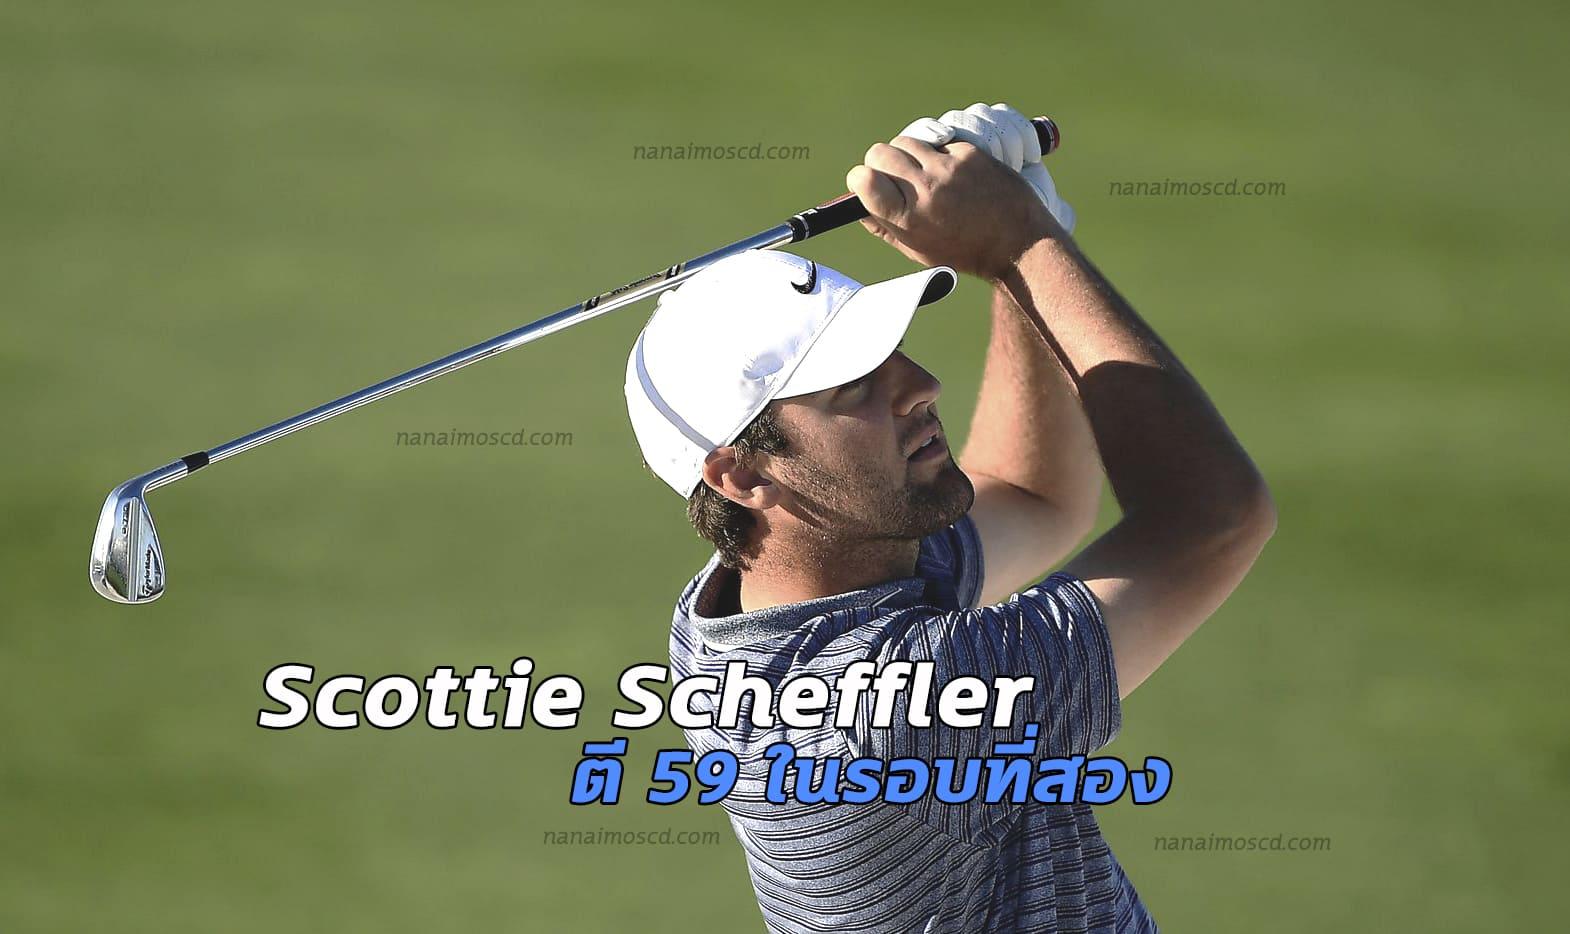 Scottie Scheffler